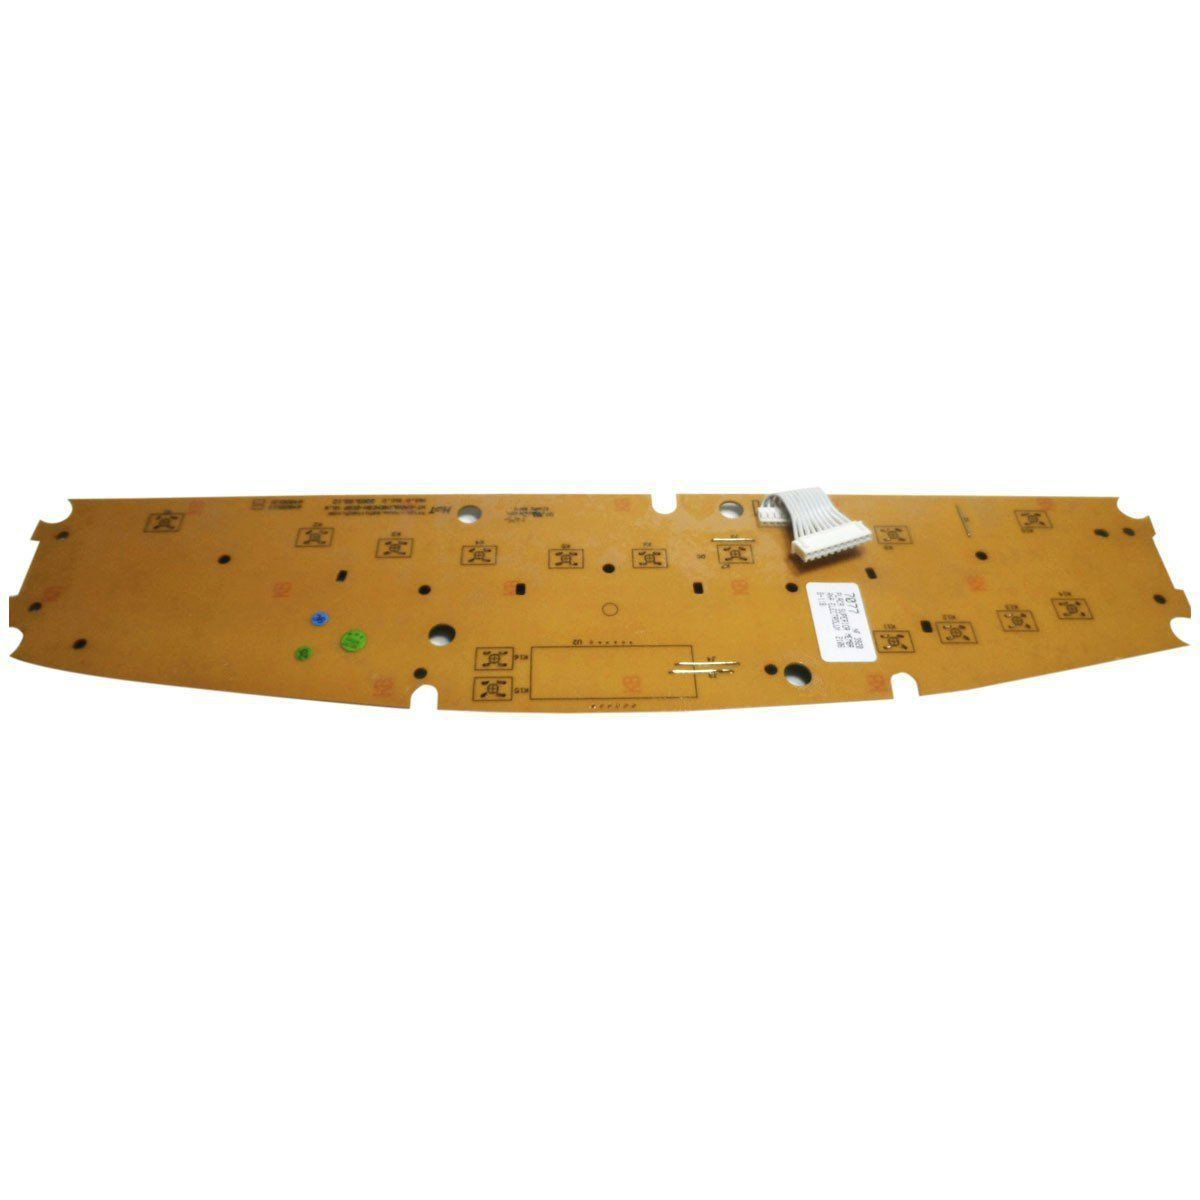 Placa Eletrônica Superior Membrana Lavadora Electrolux X 64800113